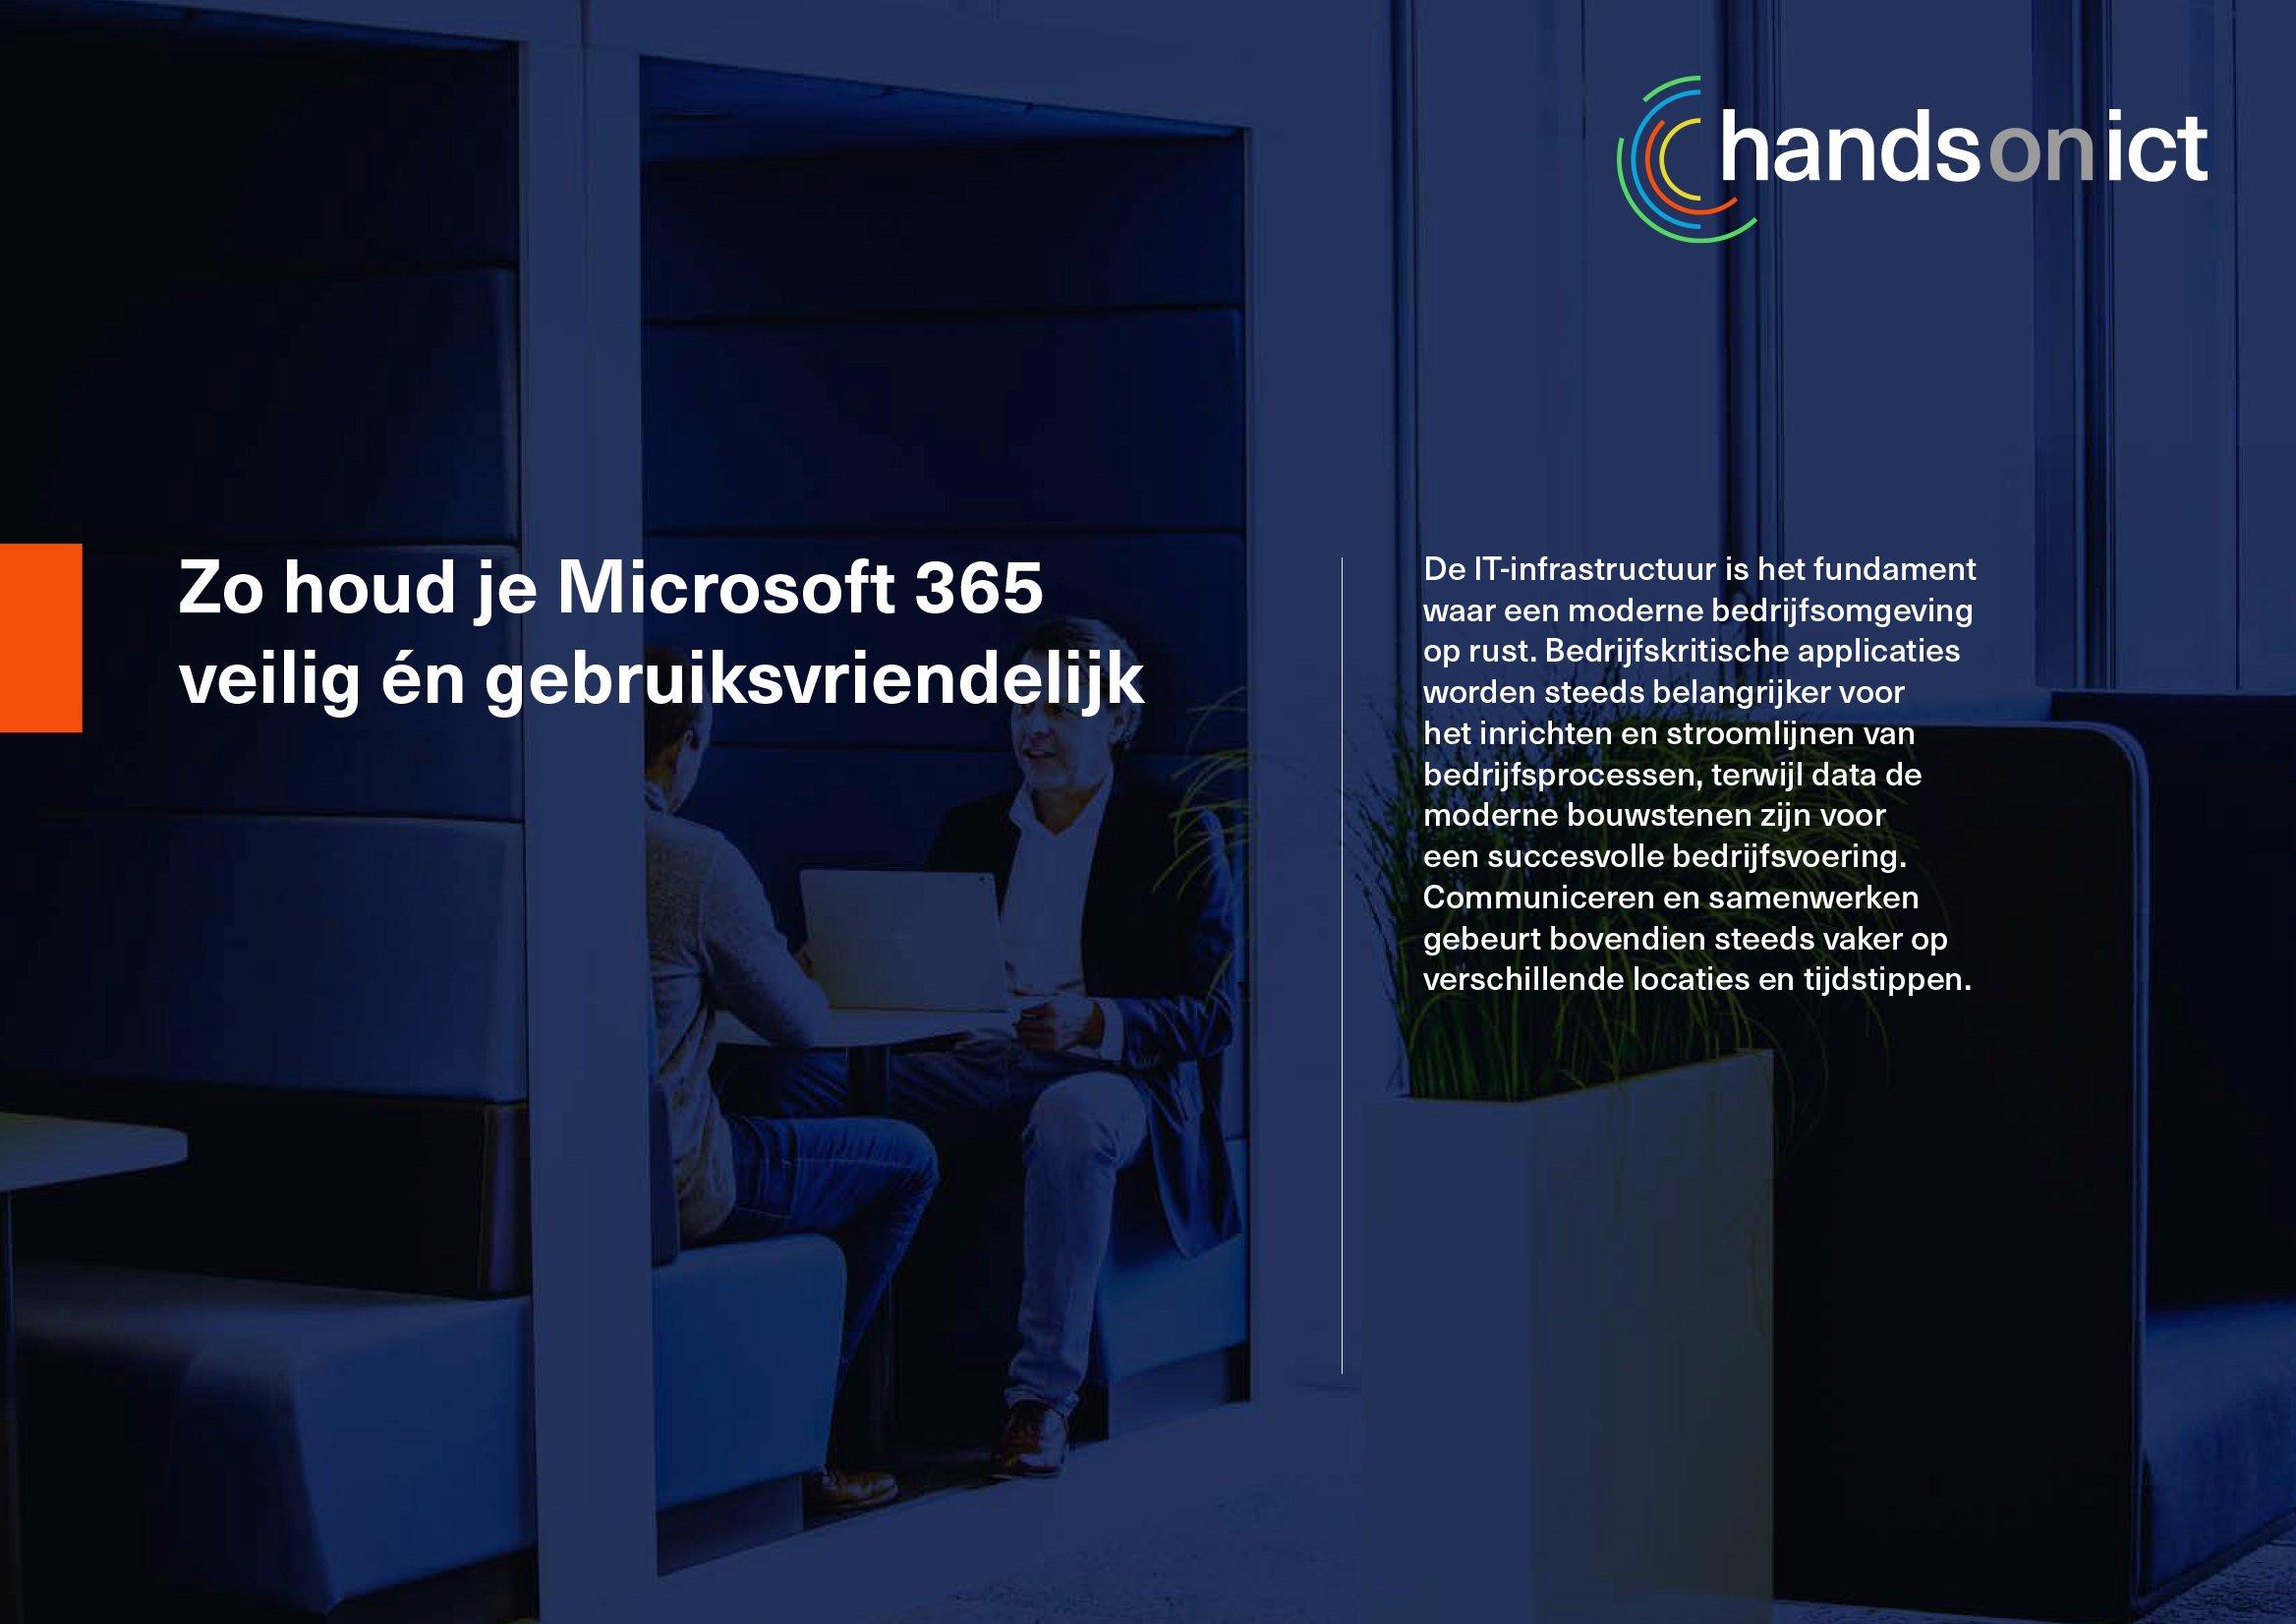 Zo houd je Microsoft 365 veilig én gebruiksvriendelijk